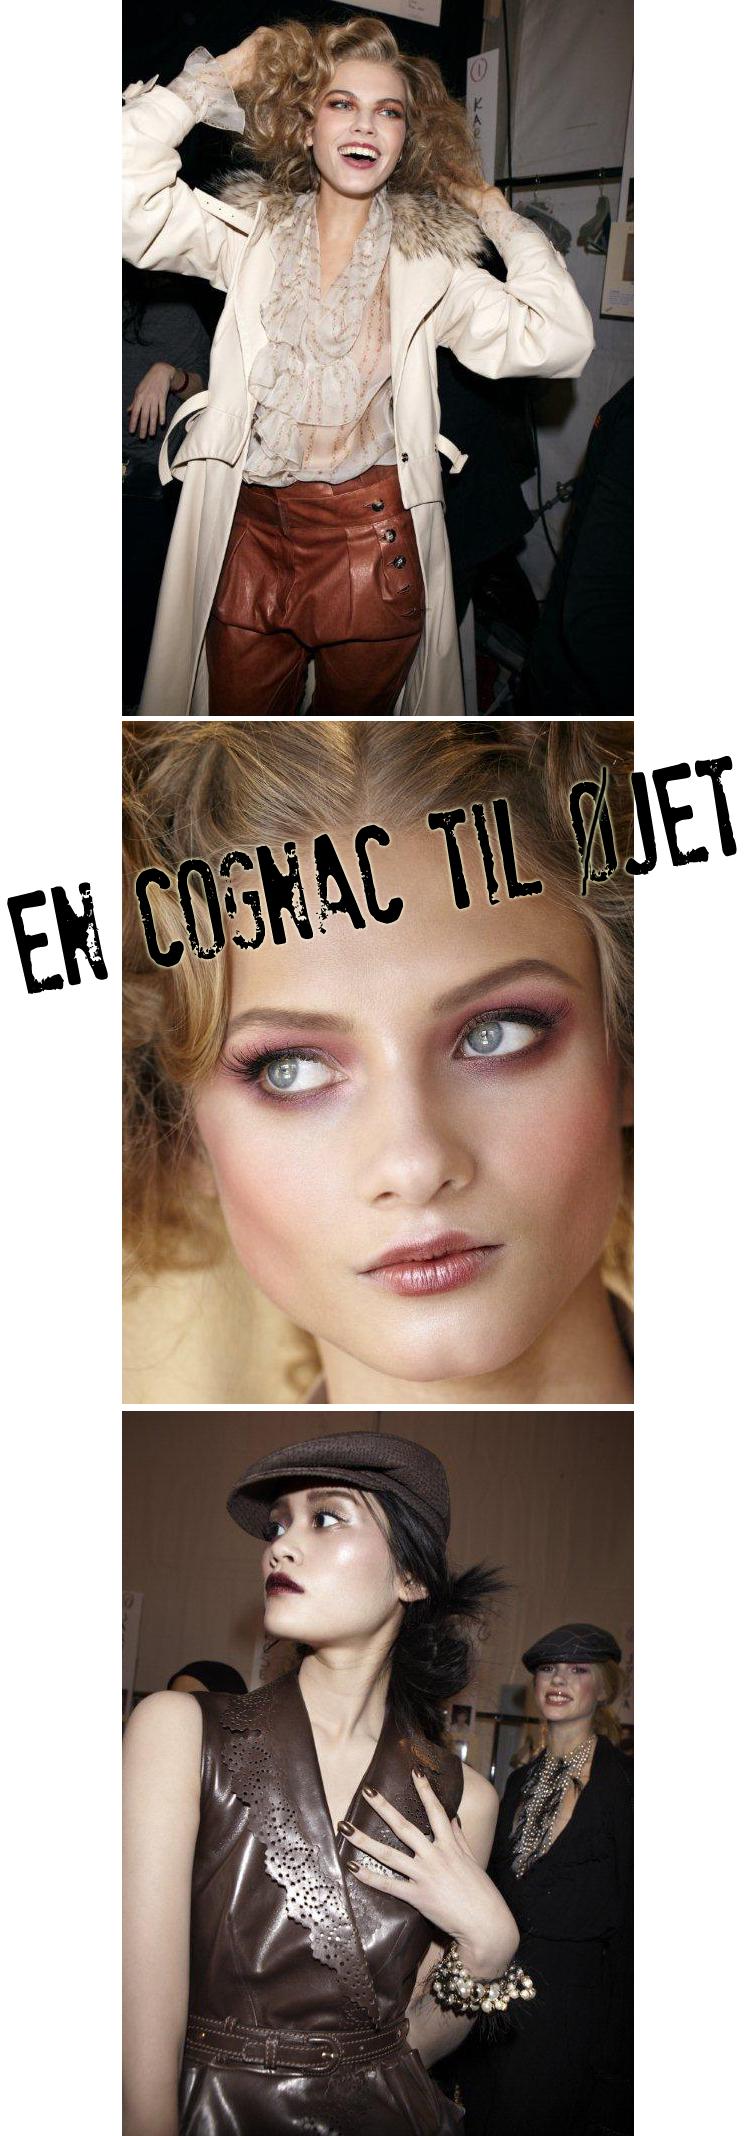 cognactilc3b8jet-copy1